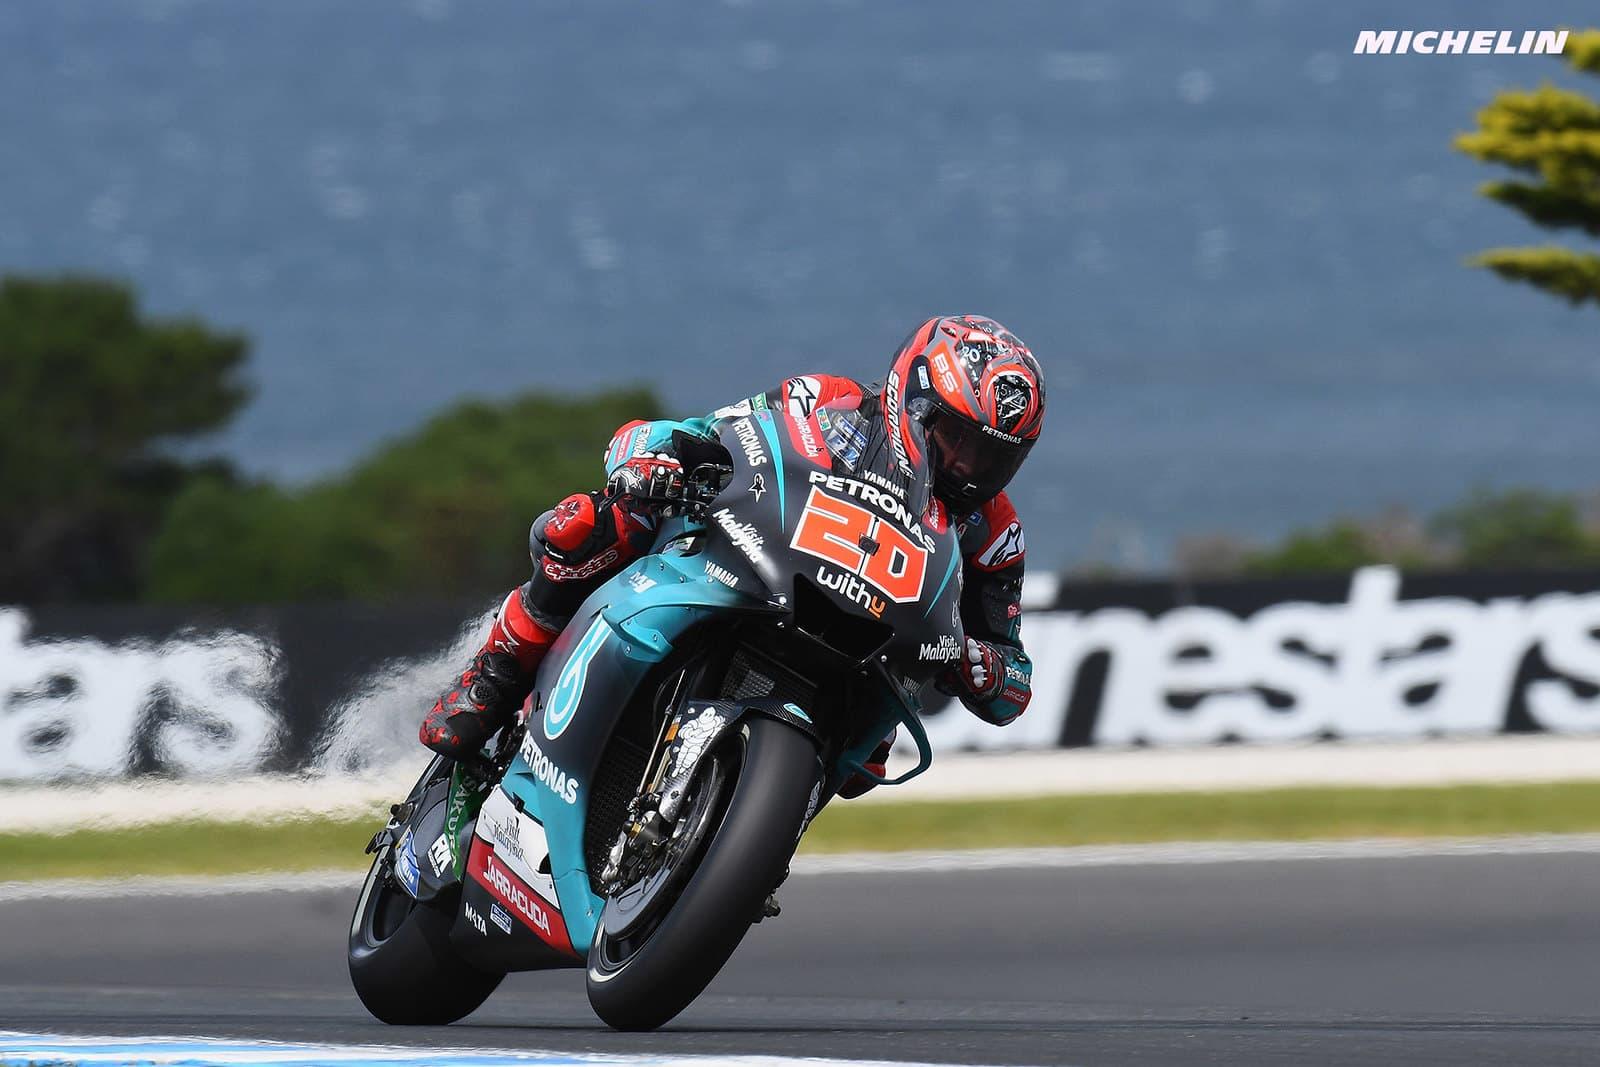 MotoGP2019オーストラリアGP クアルタラロ「ペトルッチに突っ込まれなくても難しいレースだった」